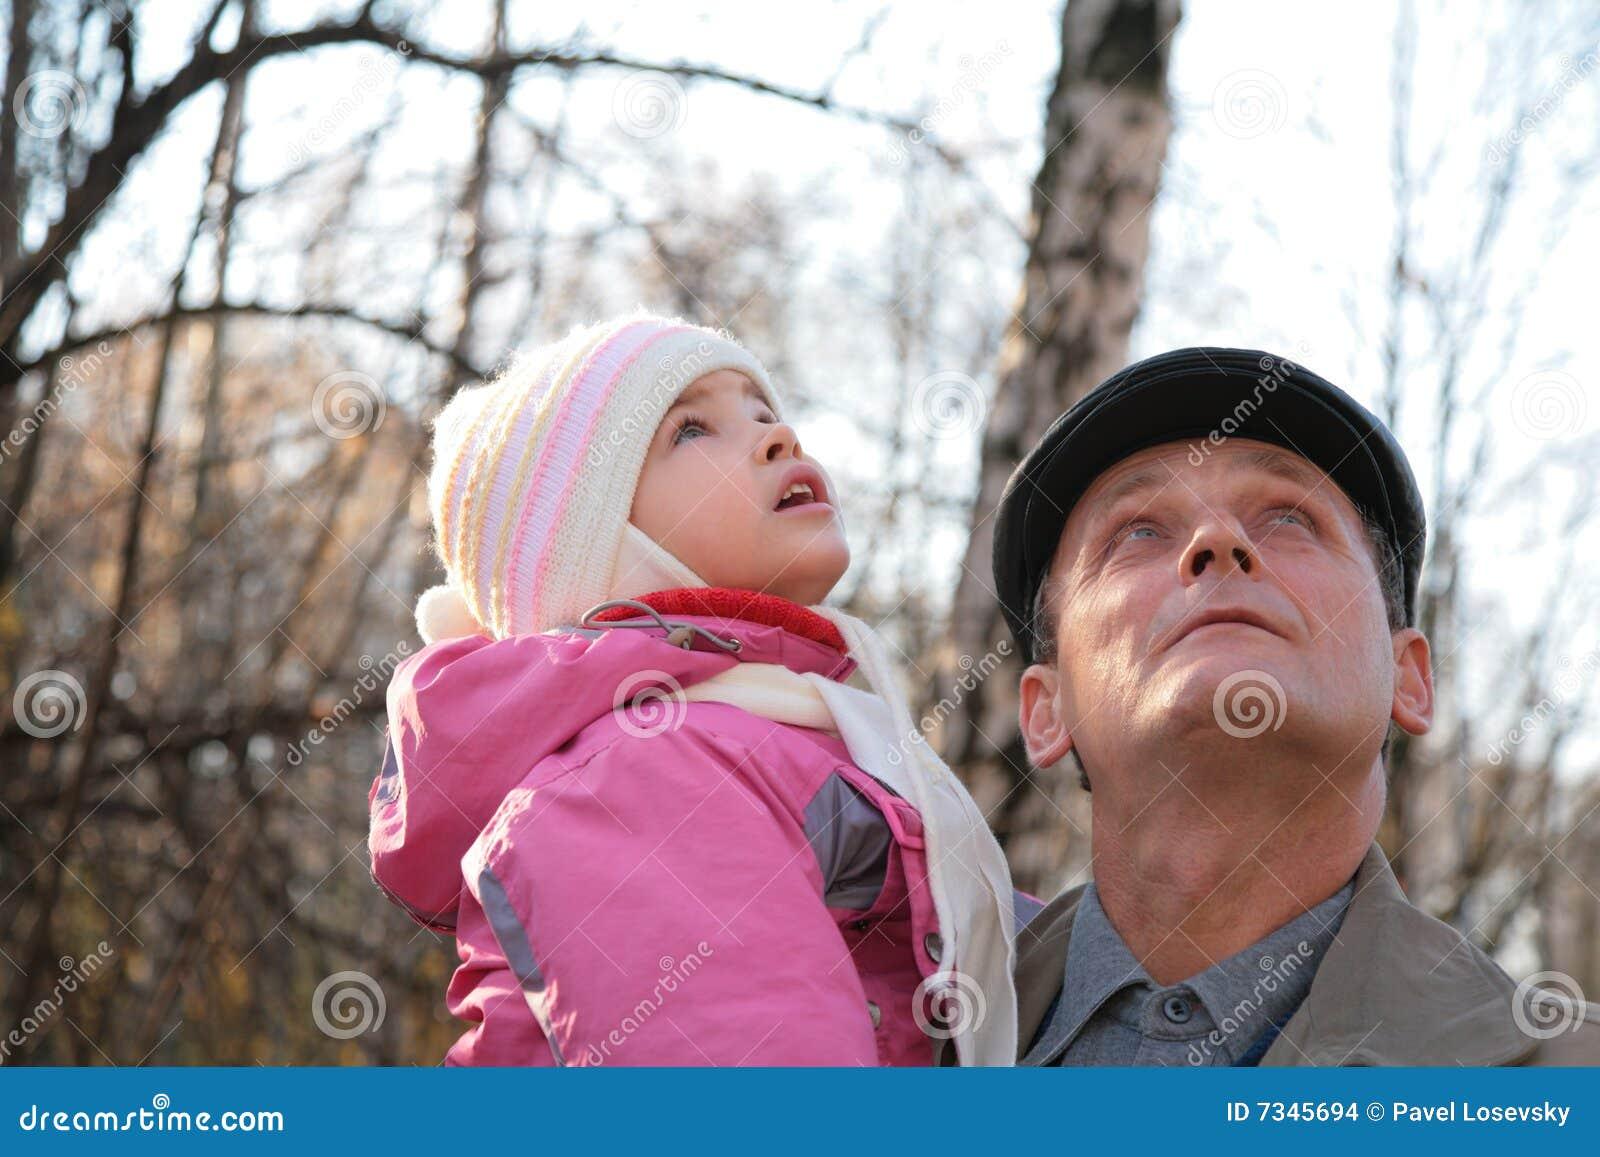 Обязана внучка сосет деду член